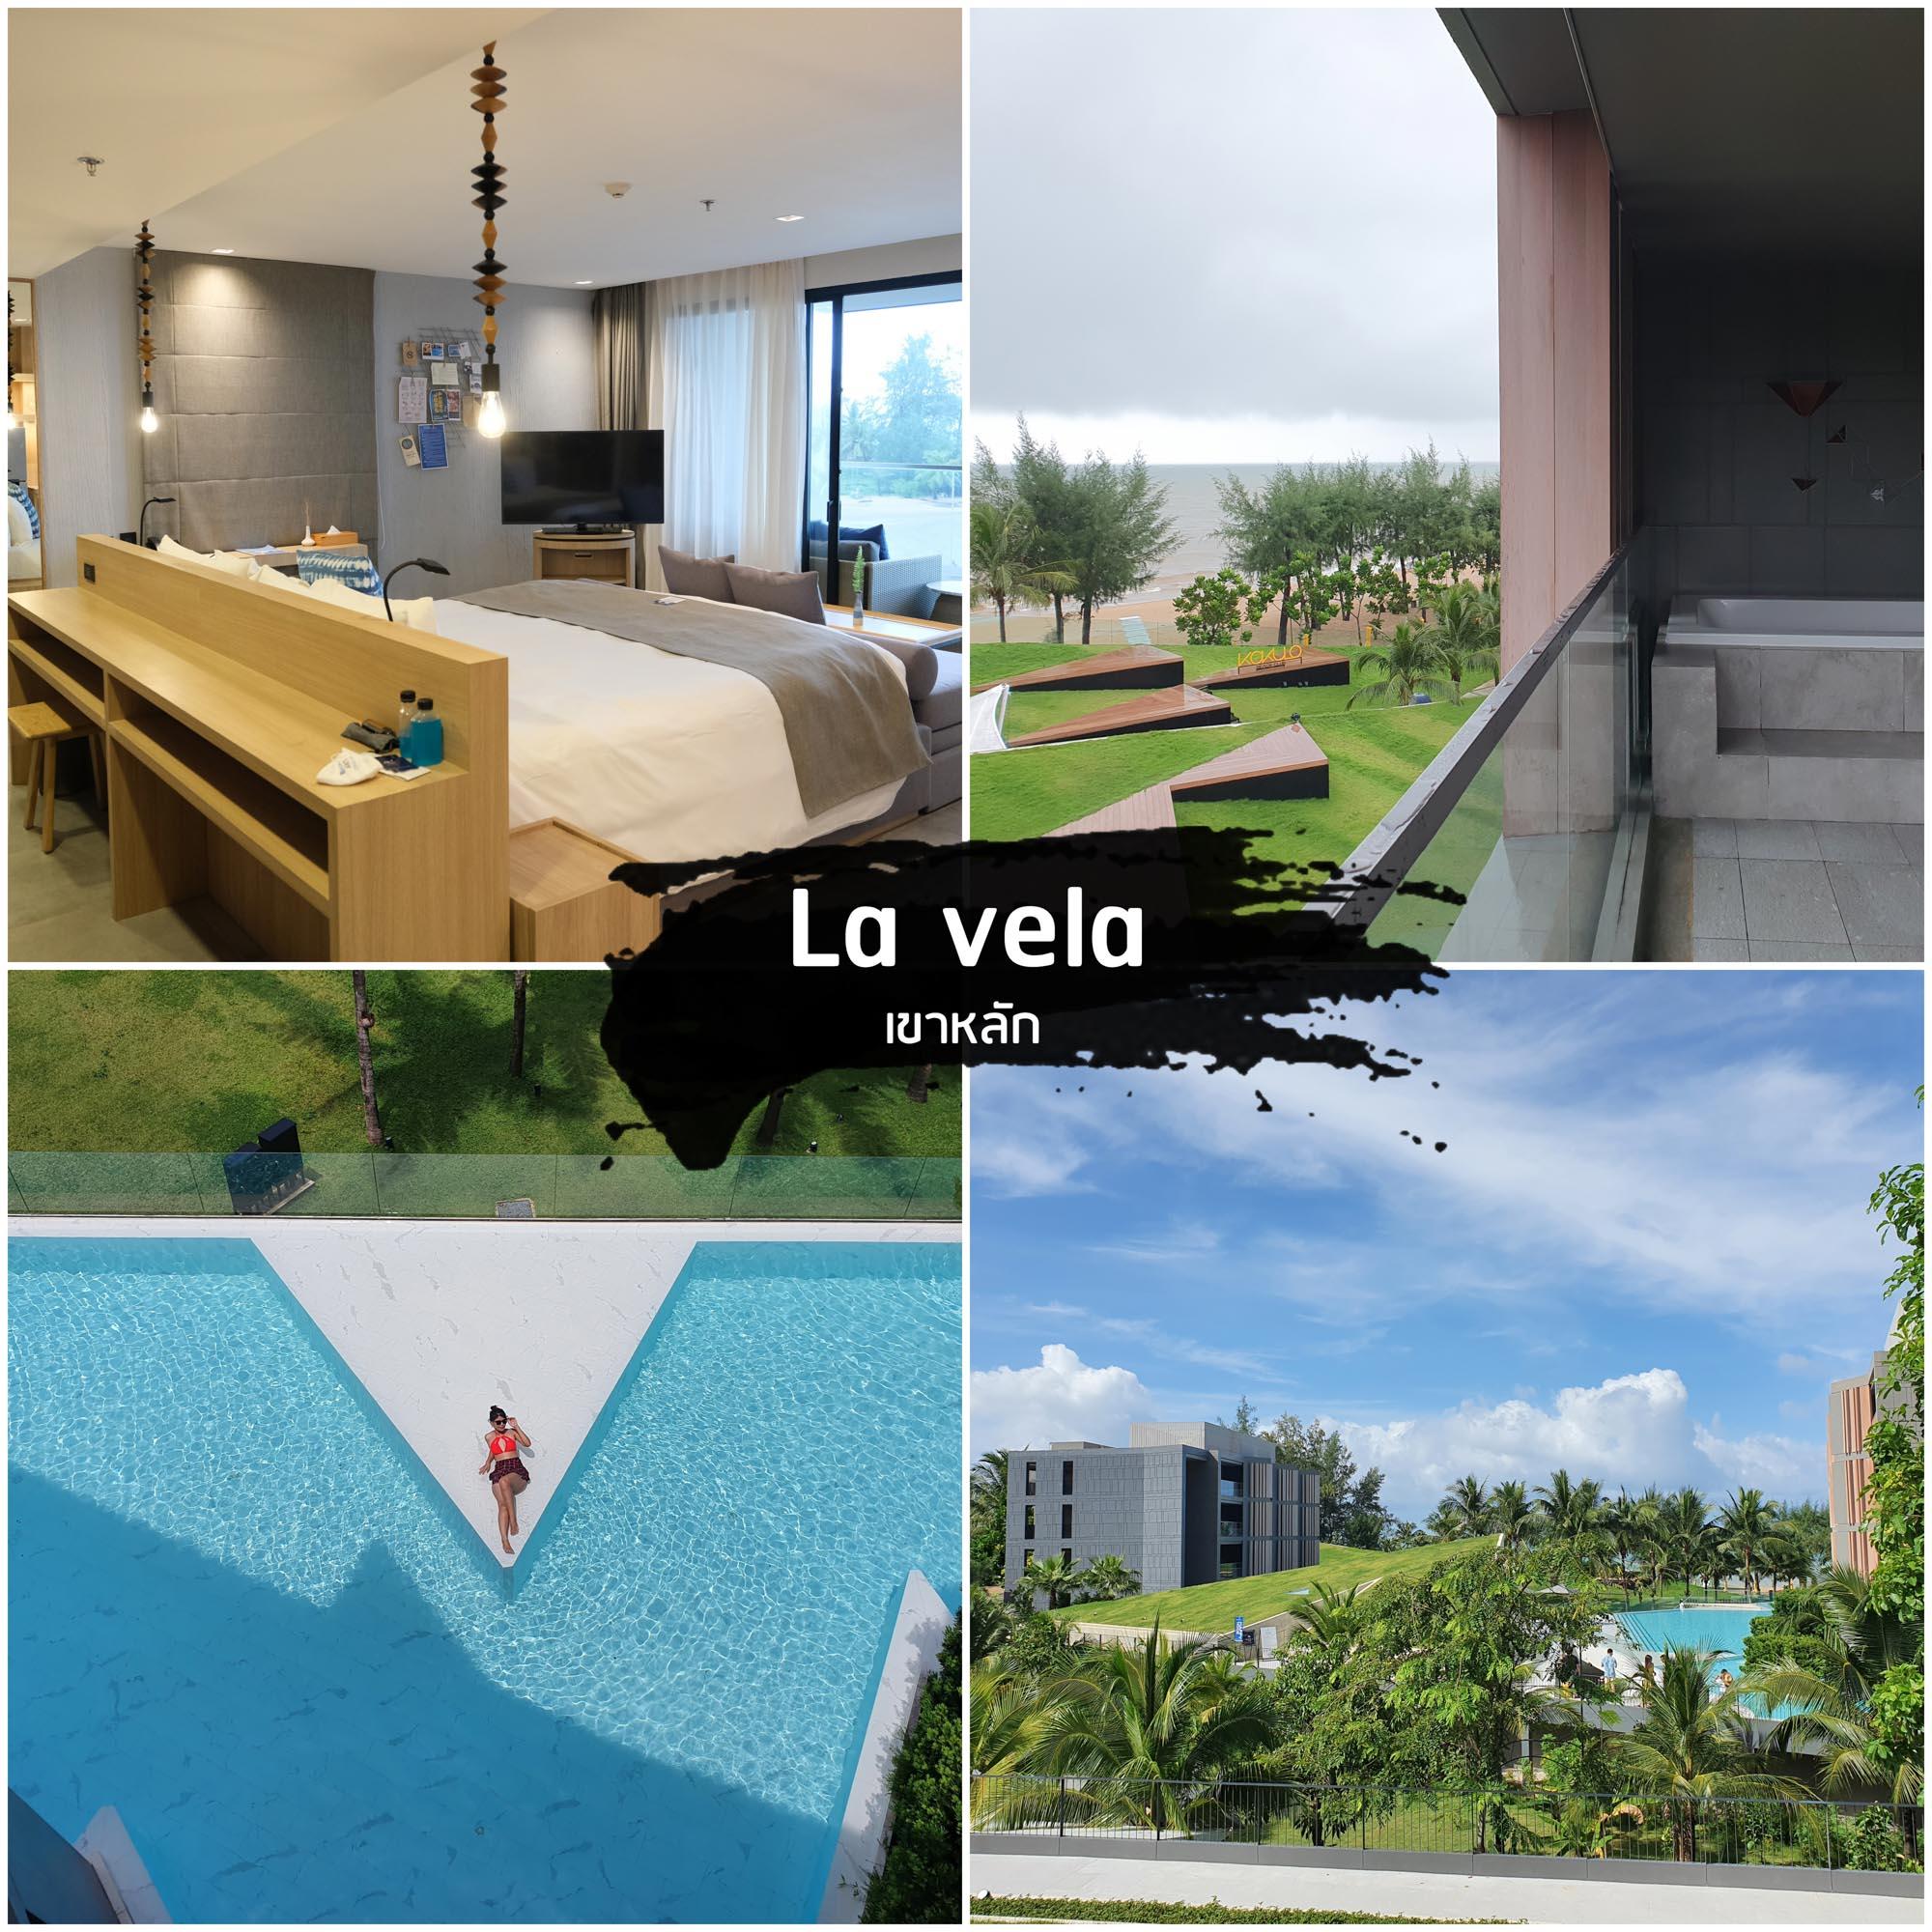 Lavela-Khaolak -จุดเด่นเป็นรีสอร์ทที่ติดทะเล-มีการ-Design-ในทุกๆโซนของโรงแรม-ในแนวสามเหลี่ยม-สระว่ายน้ำสวยมวากก-มีทั้งห้องติดสระ-และใกล้สระทุกห้องครับ-และทีเด็ดไฮไลท์คือสปาของที่นี่ออกแบบได้ผ่อนคลายแสงไฟคล้ายดวงดาวเลยครับ-ในส่วนของภายนอกบรรยากาศดี-วิวสวย-ในส่วนของบริการมีครบทุกอย่างทั้ง-ร้านอาหาร-คาเฟ่-โซนบาร์-ร้านอาหารริมหาด-ห้องพักเตียงนุ่มสบาย-ห้องน้ำคือสวยยย-กิจกรรมจะมีพวกพายเรือคายัคให้พายกันด้วยครับ-ดีย์ต่อใจเลยน้าา-บอกเลยมาที่นี่ครบทุกจริงรสชาติเลยย-10/10  ที่พักเขาหลัก,ที่พักพังงา,ที่พักติดทะเล,ธรรมชาติ,วิวหลักล้าน,โรงแรม,รีสอร์ท,ที่พัก,พังงา